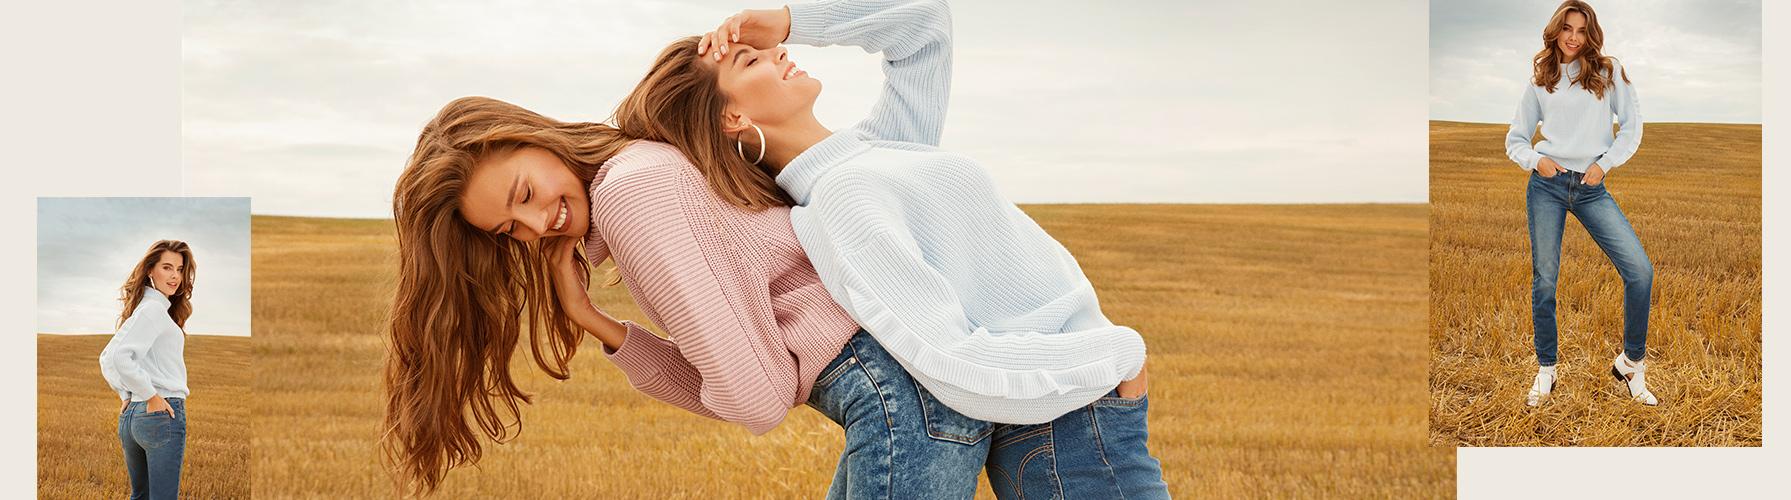 Новая коллекция джинсов Conte AW 2019/2020